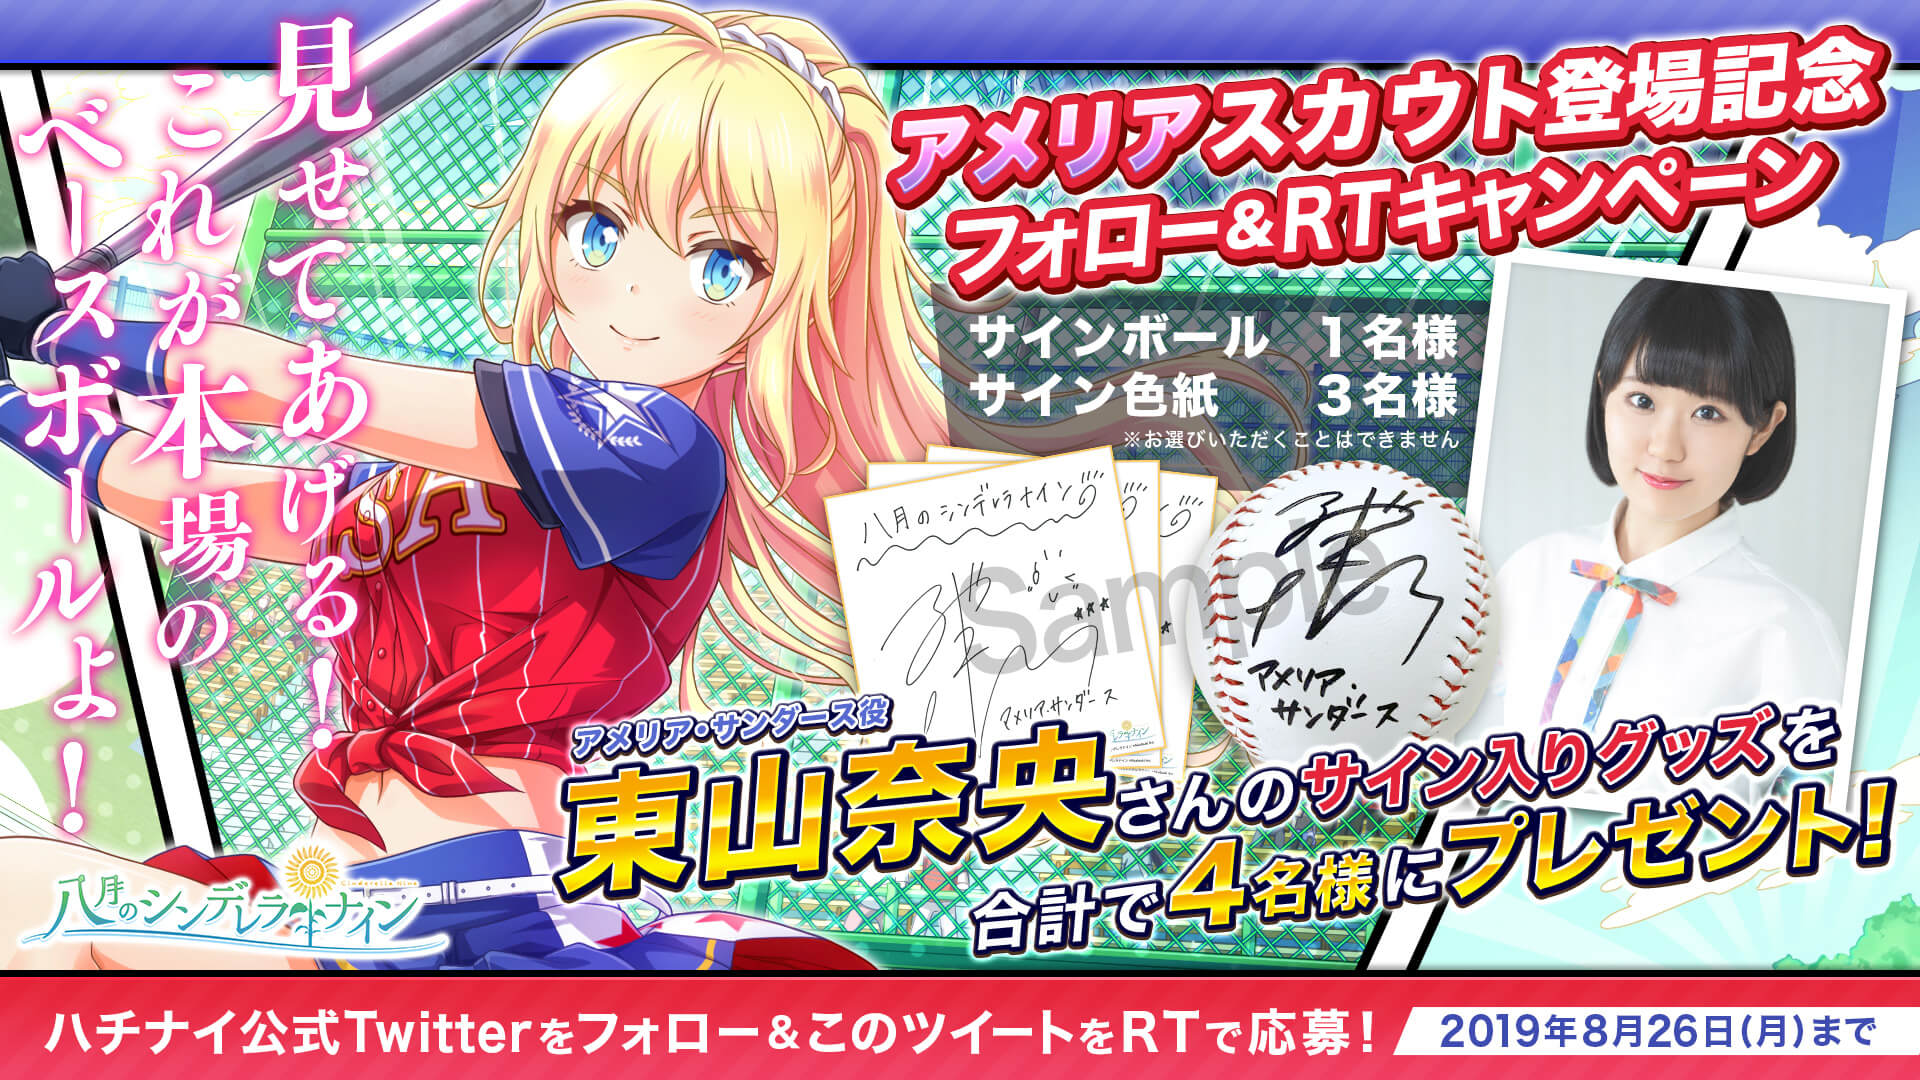 「アメリアスカウト登場記念 フォロー&RTキャンペーン」を開催!